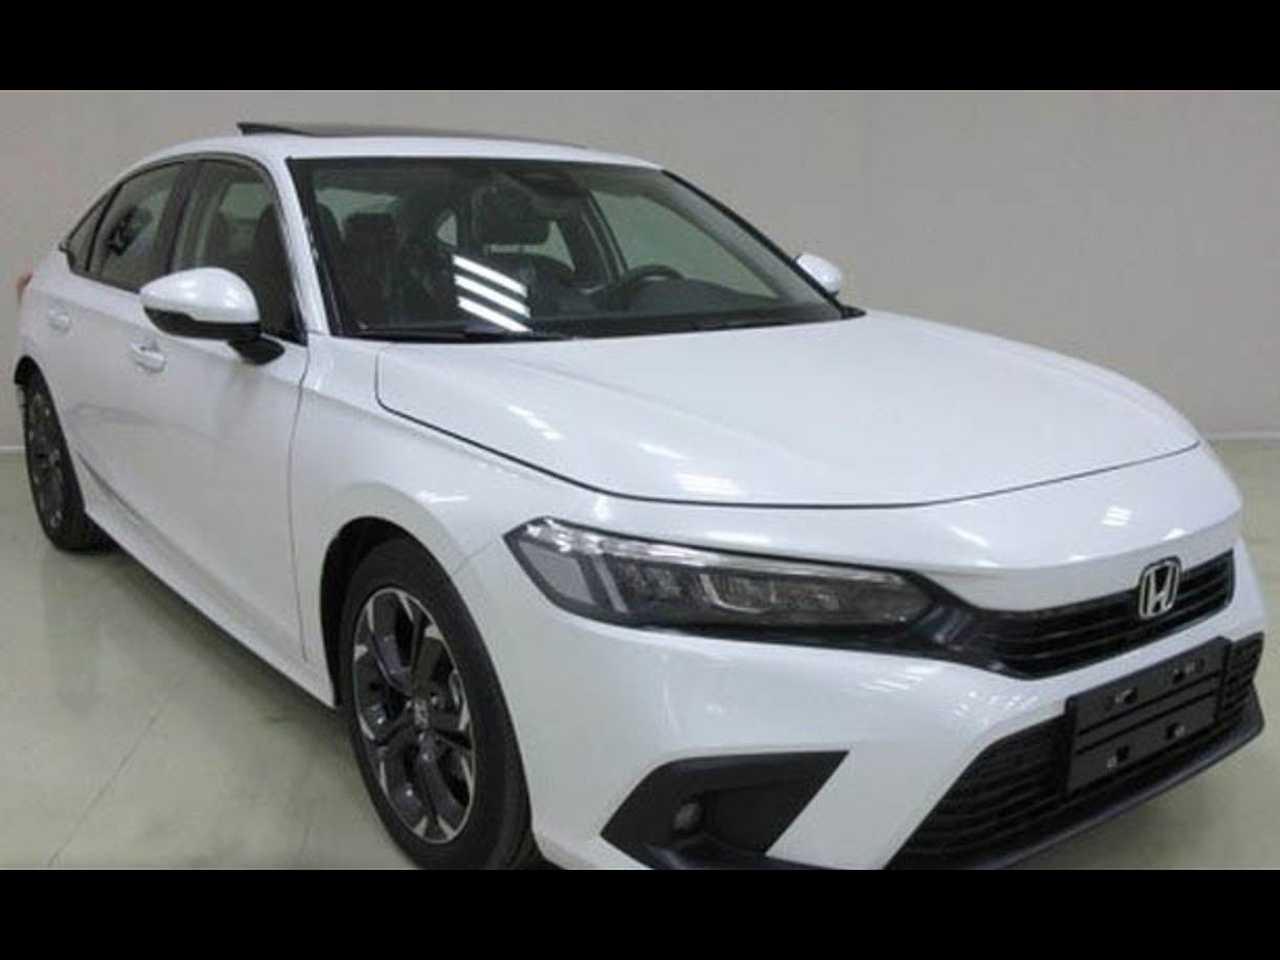 Flagra do novo Honda Civic 2022 sem disfarces